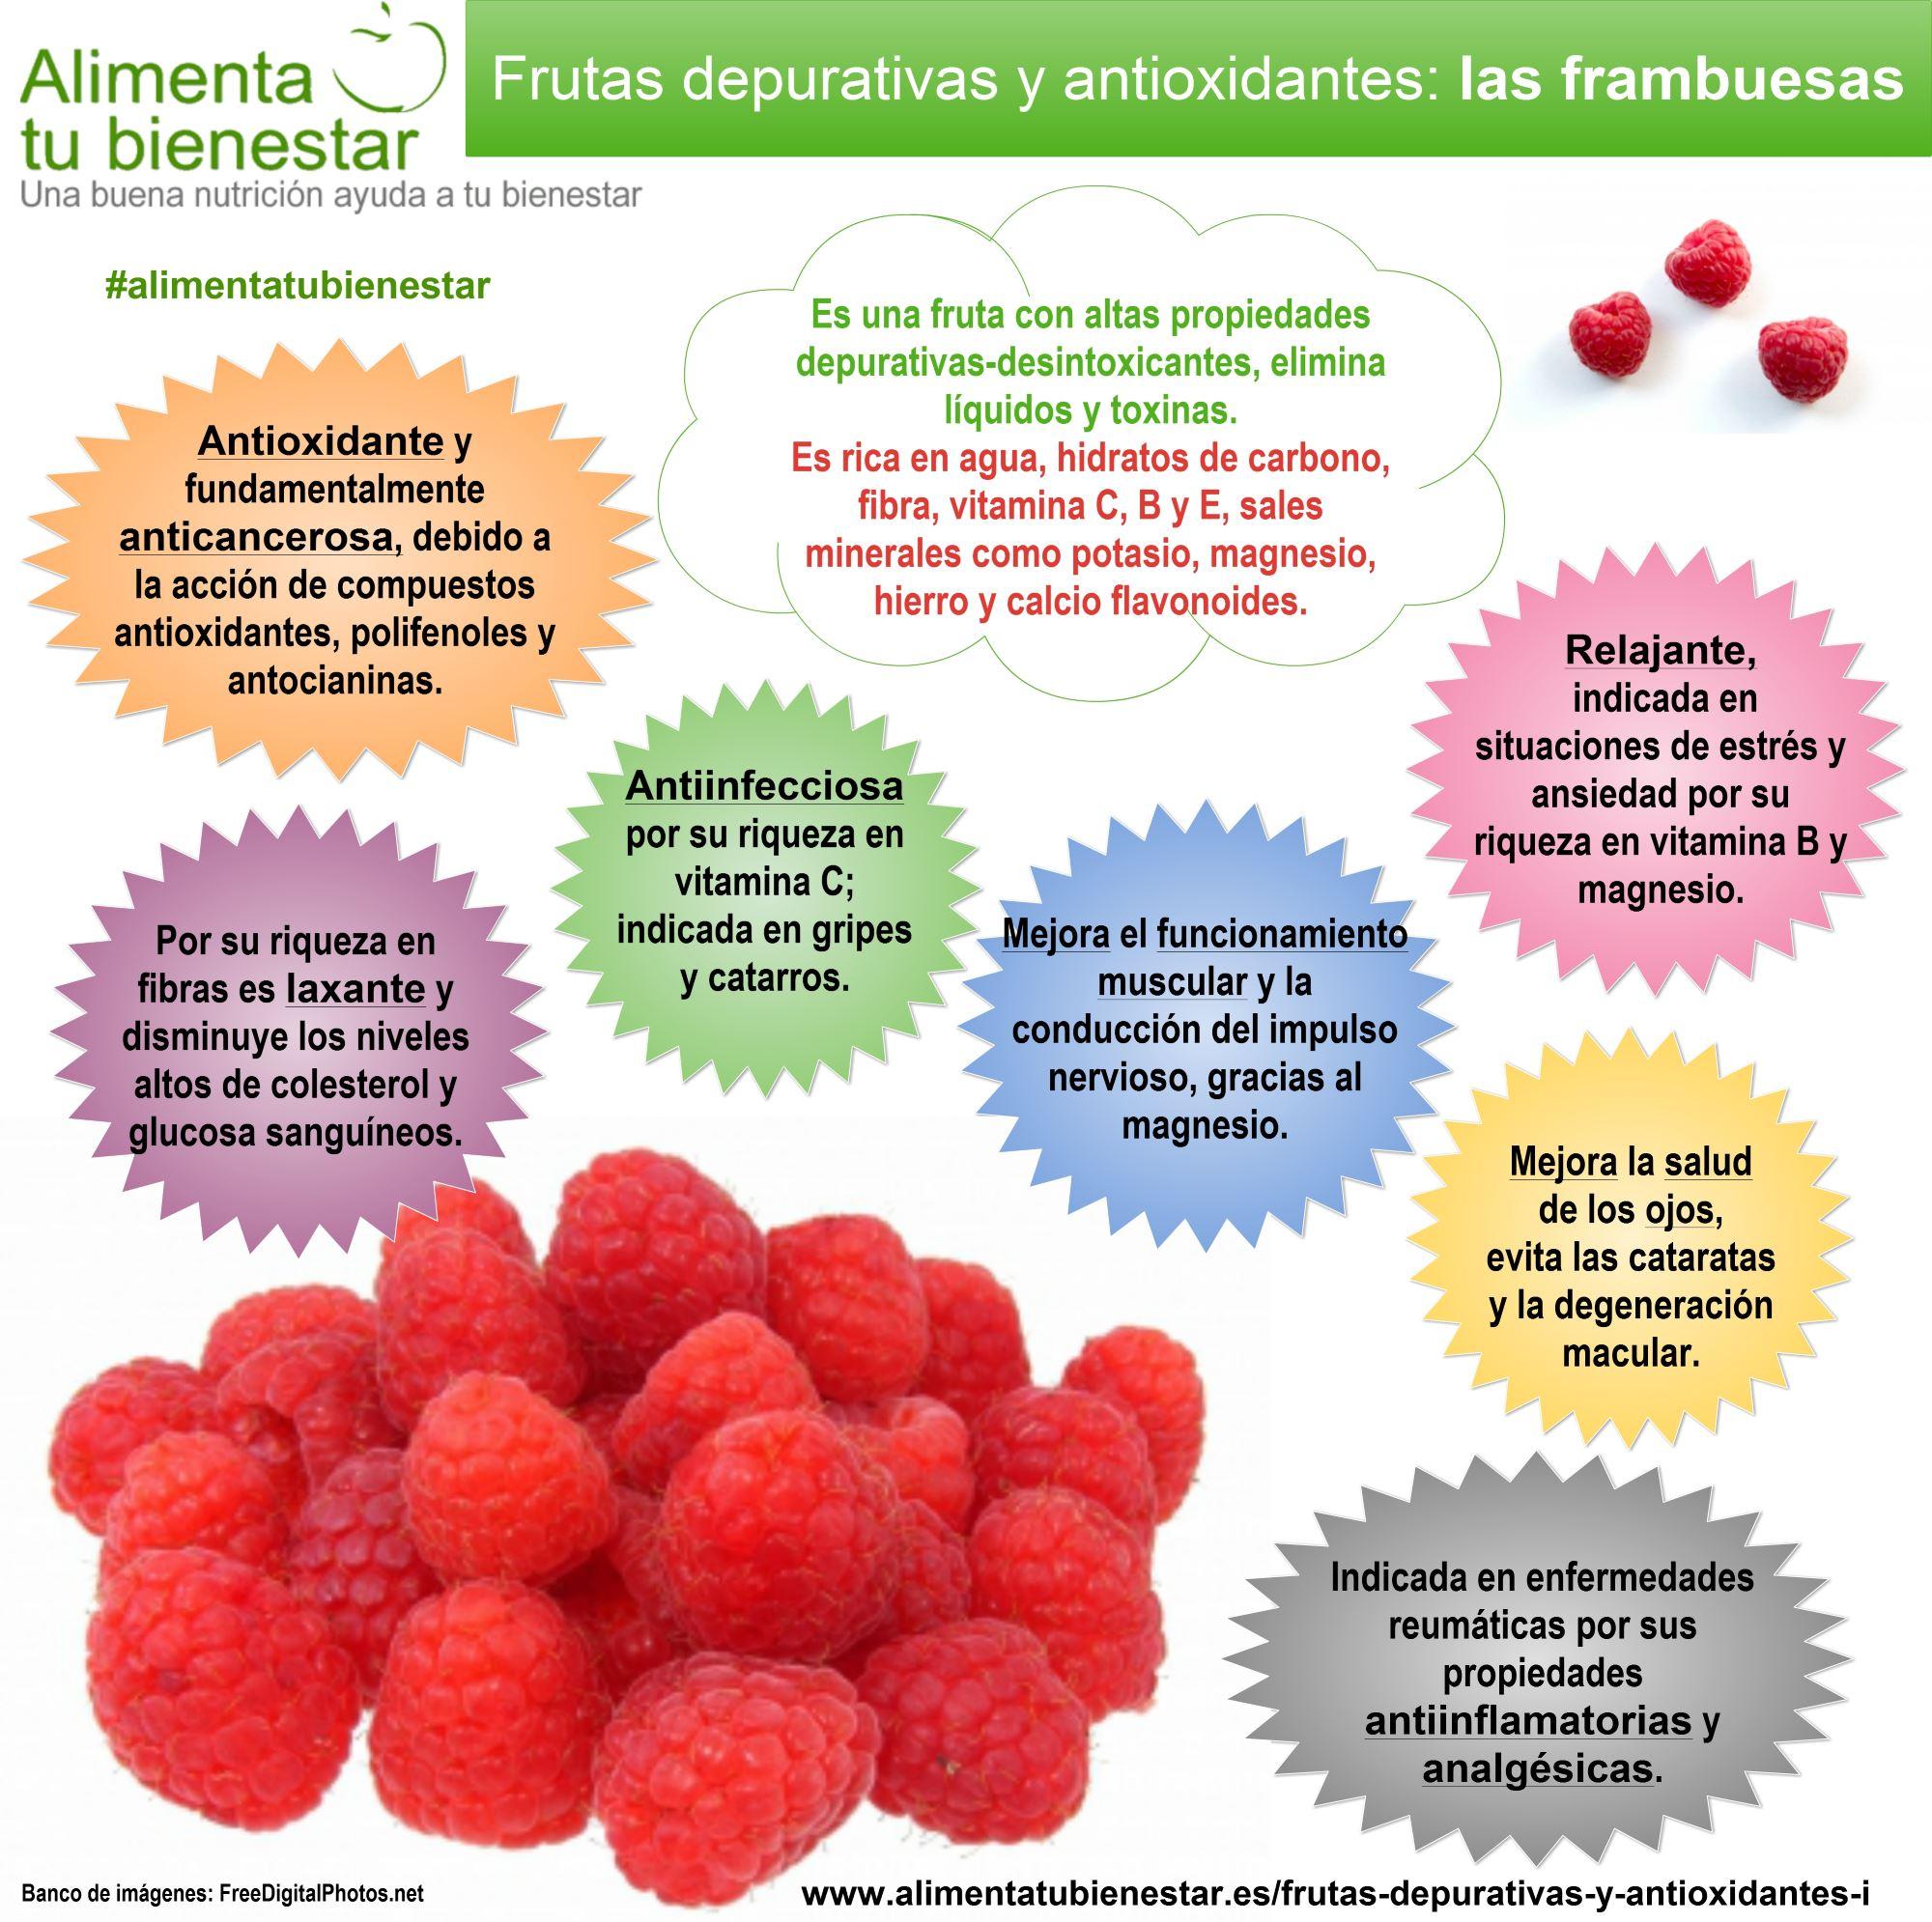 Infografía Frutas depurativas y antioxidantes Las Frambuesas